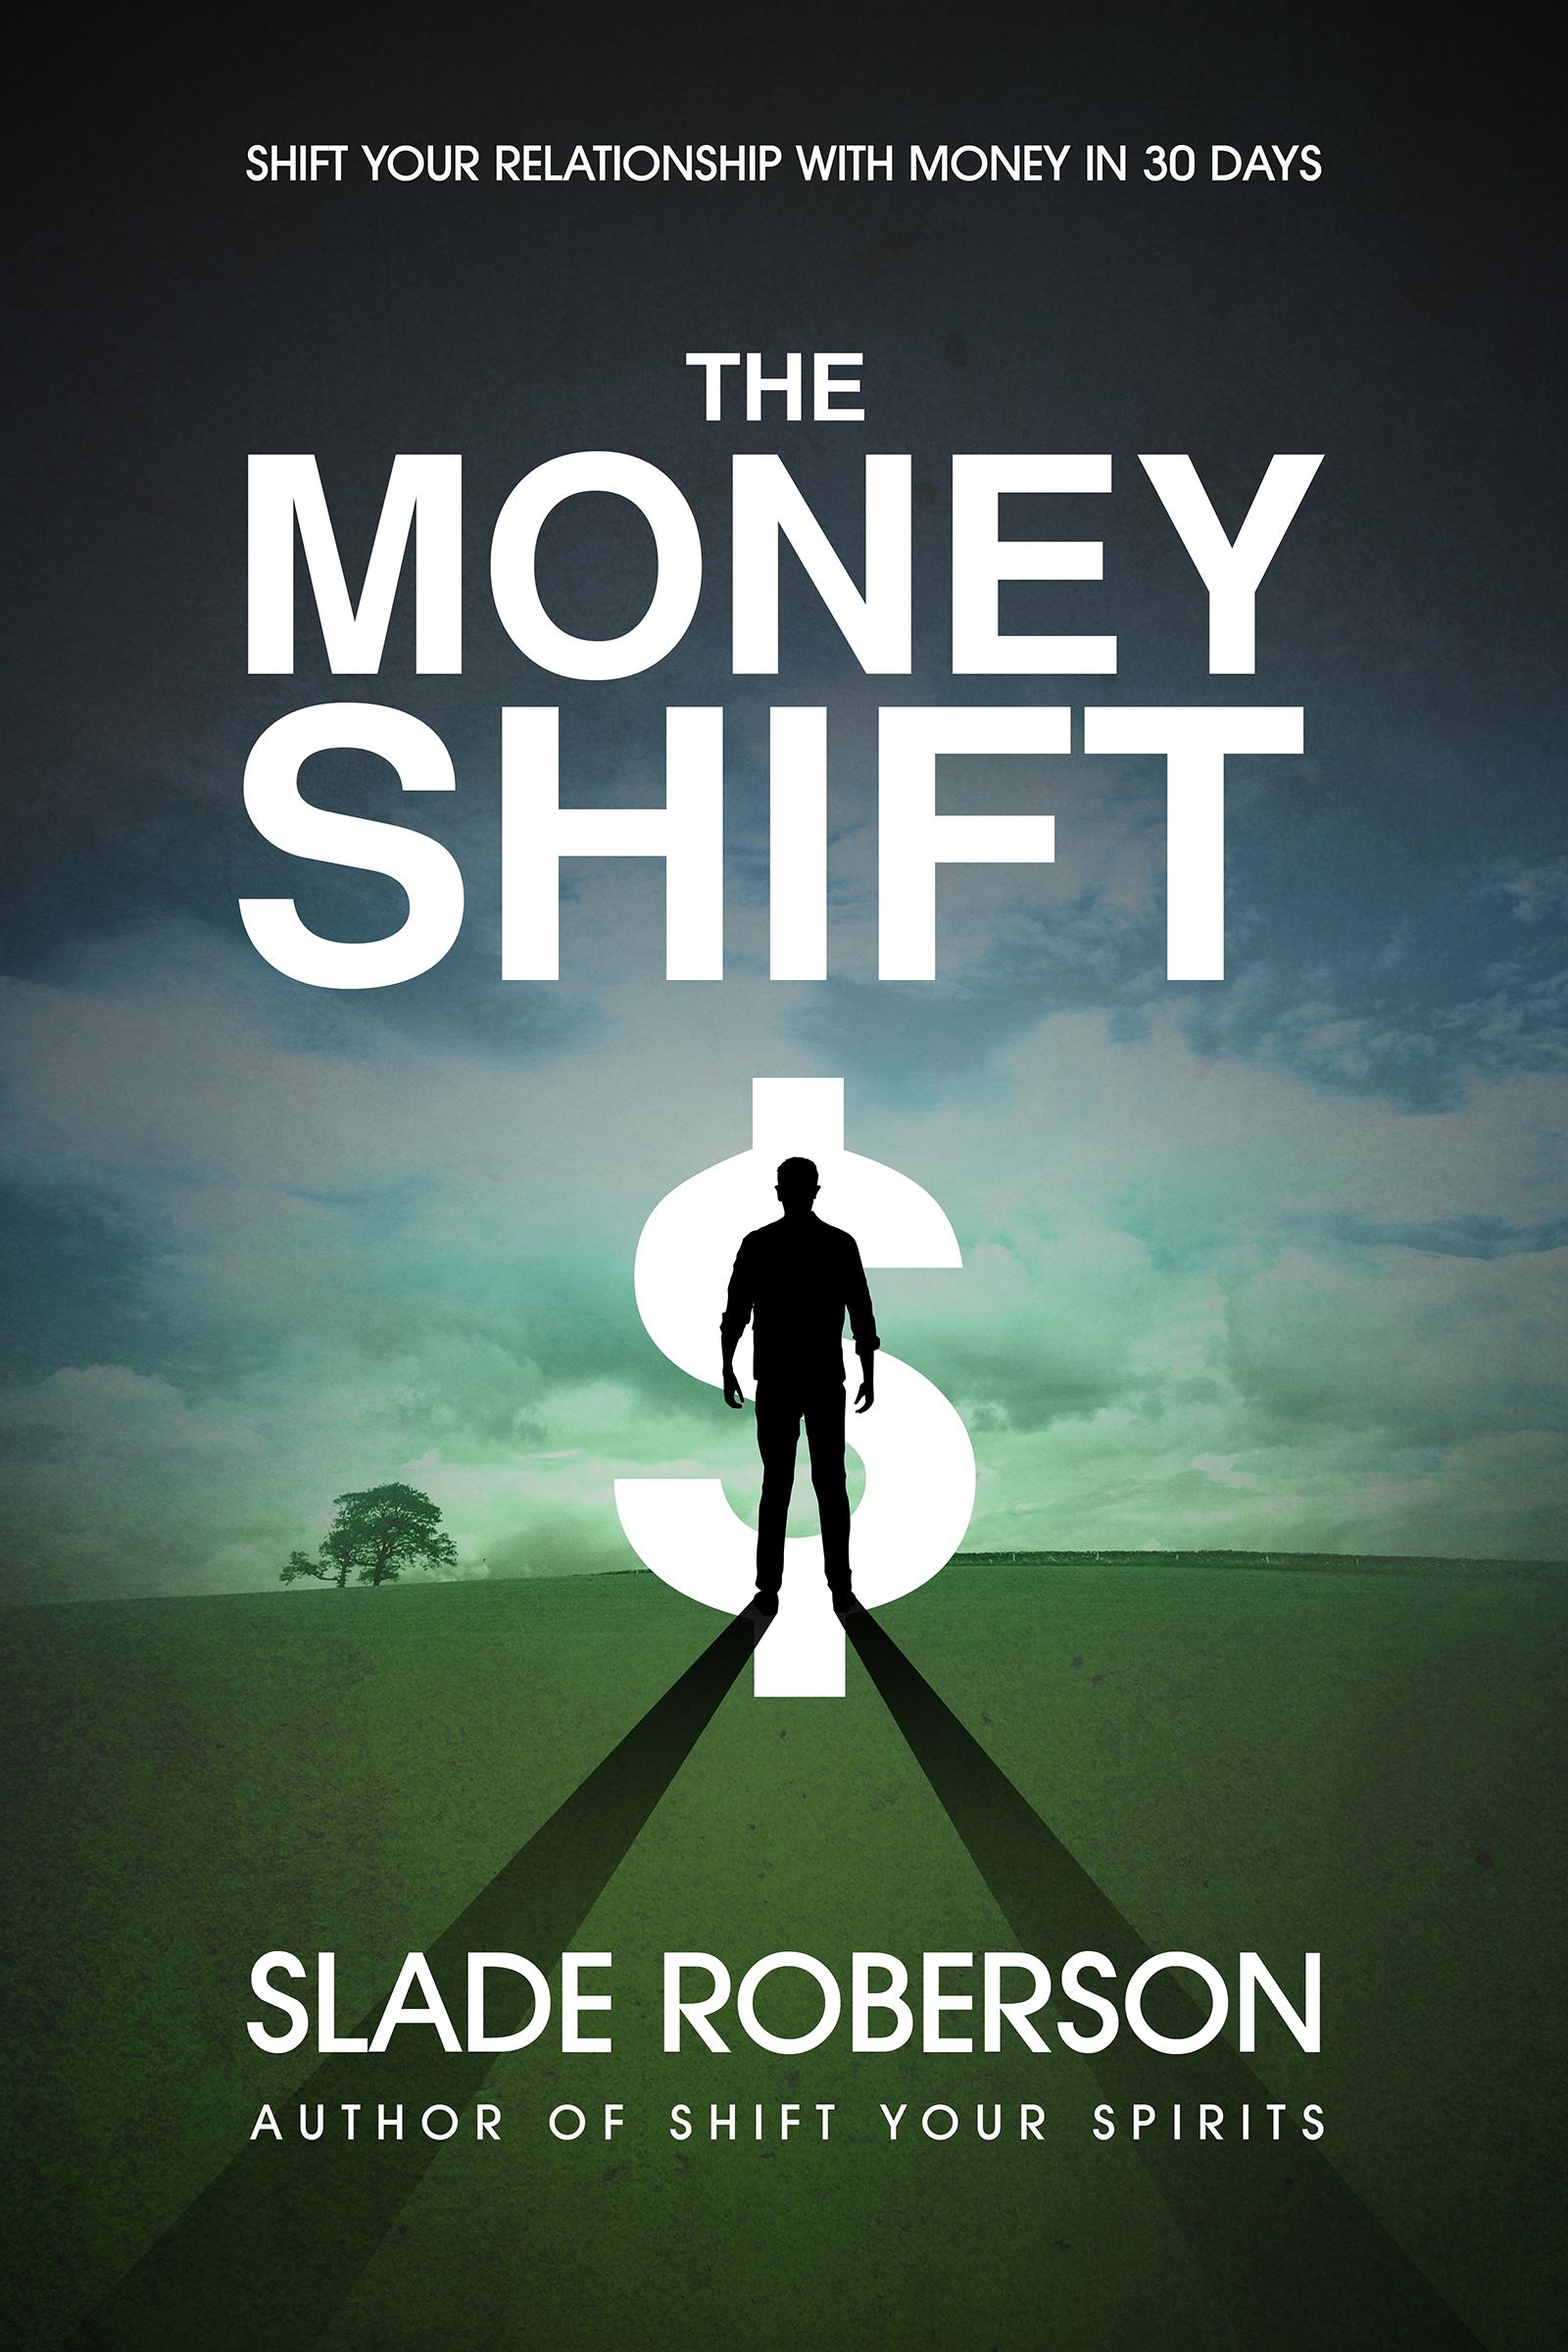 Money-Shift-cover-125.jpg